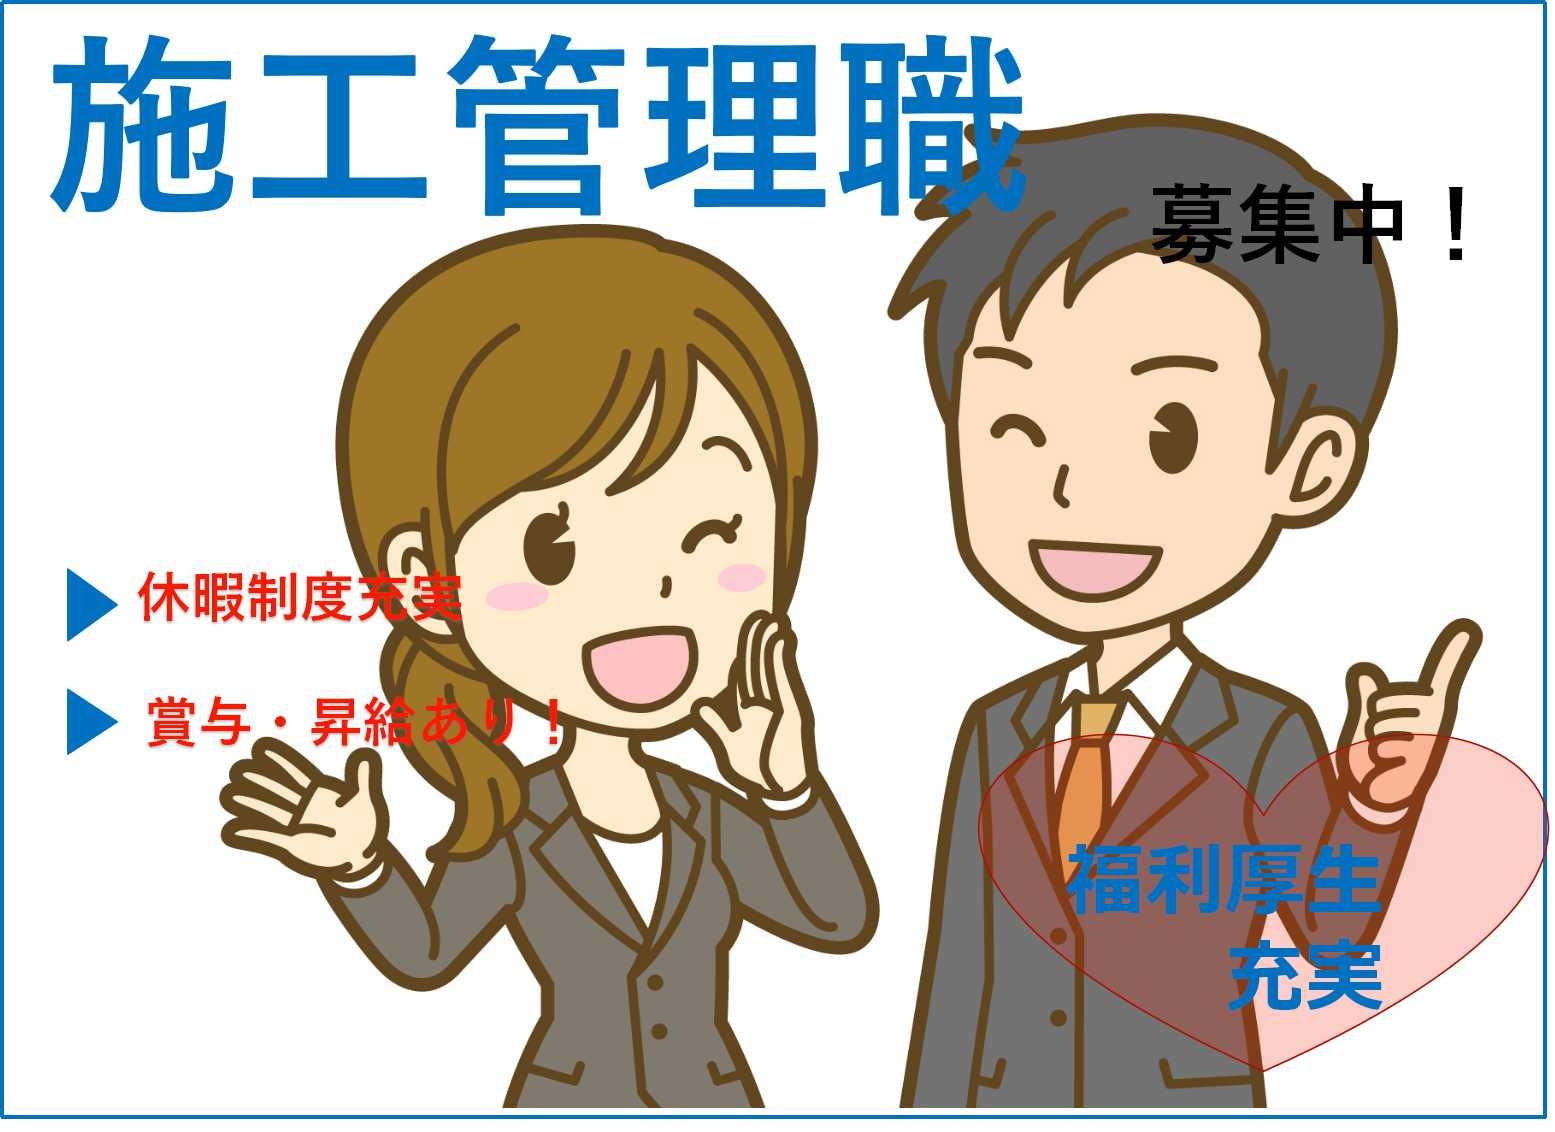 【新卒】賞与・昇給あり★福利厚生充実!施工管理職【即面談可能】 イメージ